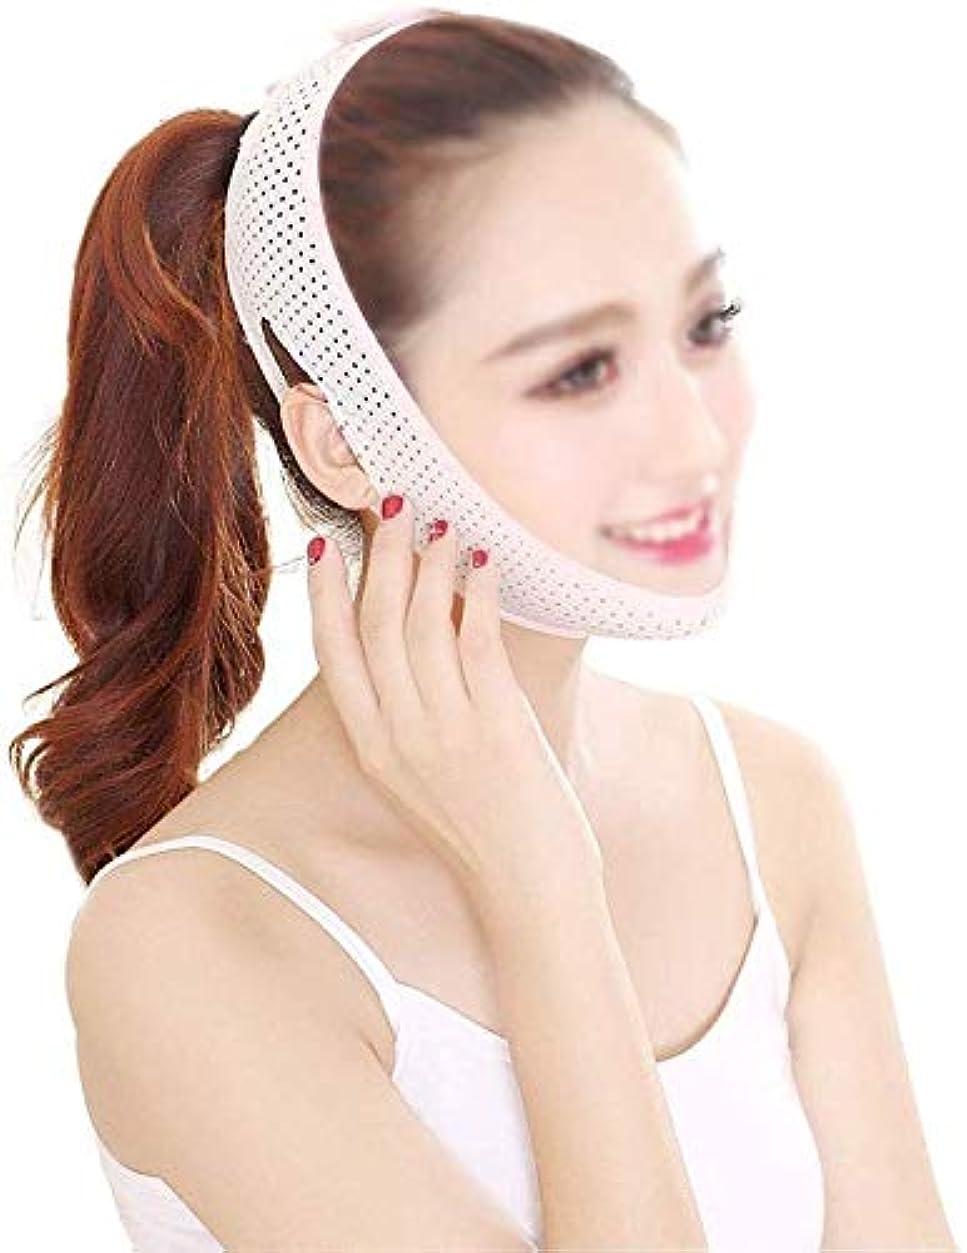 対処主くびれた美容と実用的なフェイスリフティングベルト、スモールVフェイスビームフェイスマスクバンデージリフティングフェイスファーミング通気性マスクを削除してダブルチン/フェイシャルケア